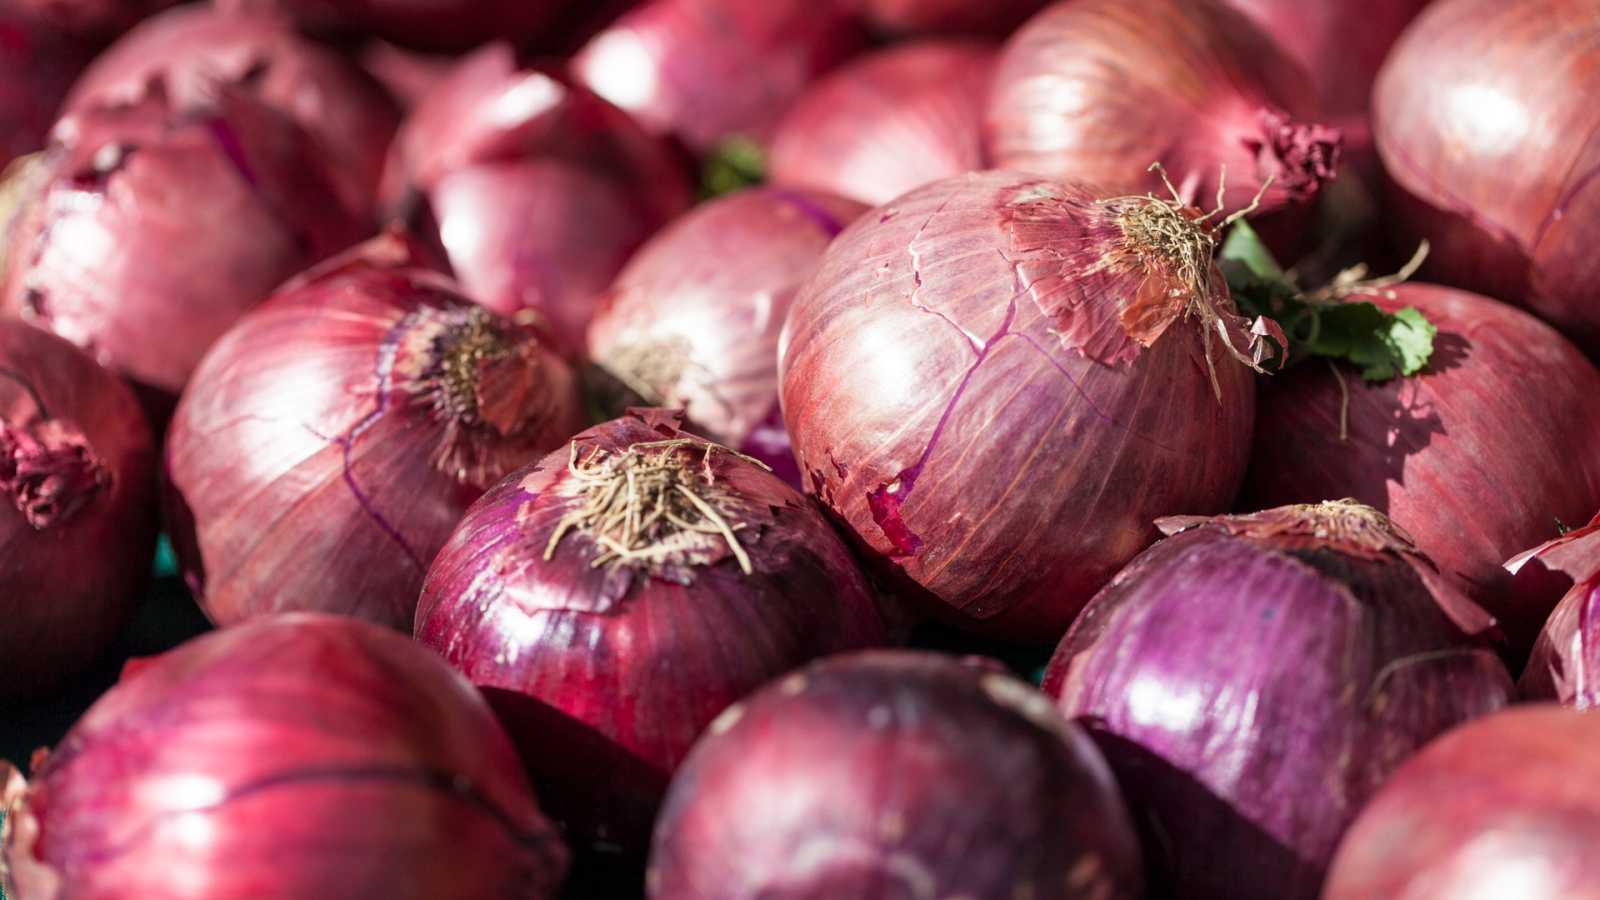 Aquí la Tierra - La cebolla de Zalla: color y sabor identificativos